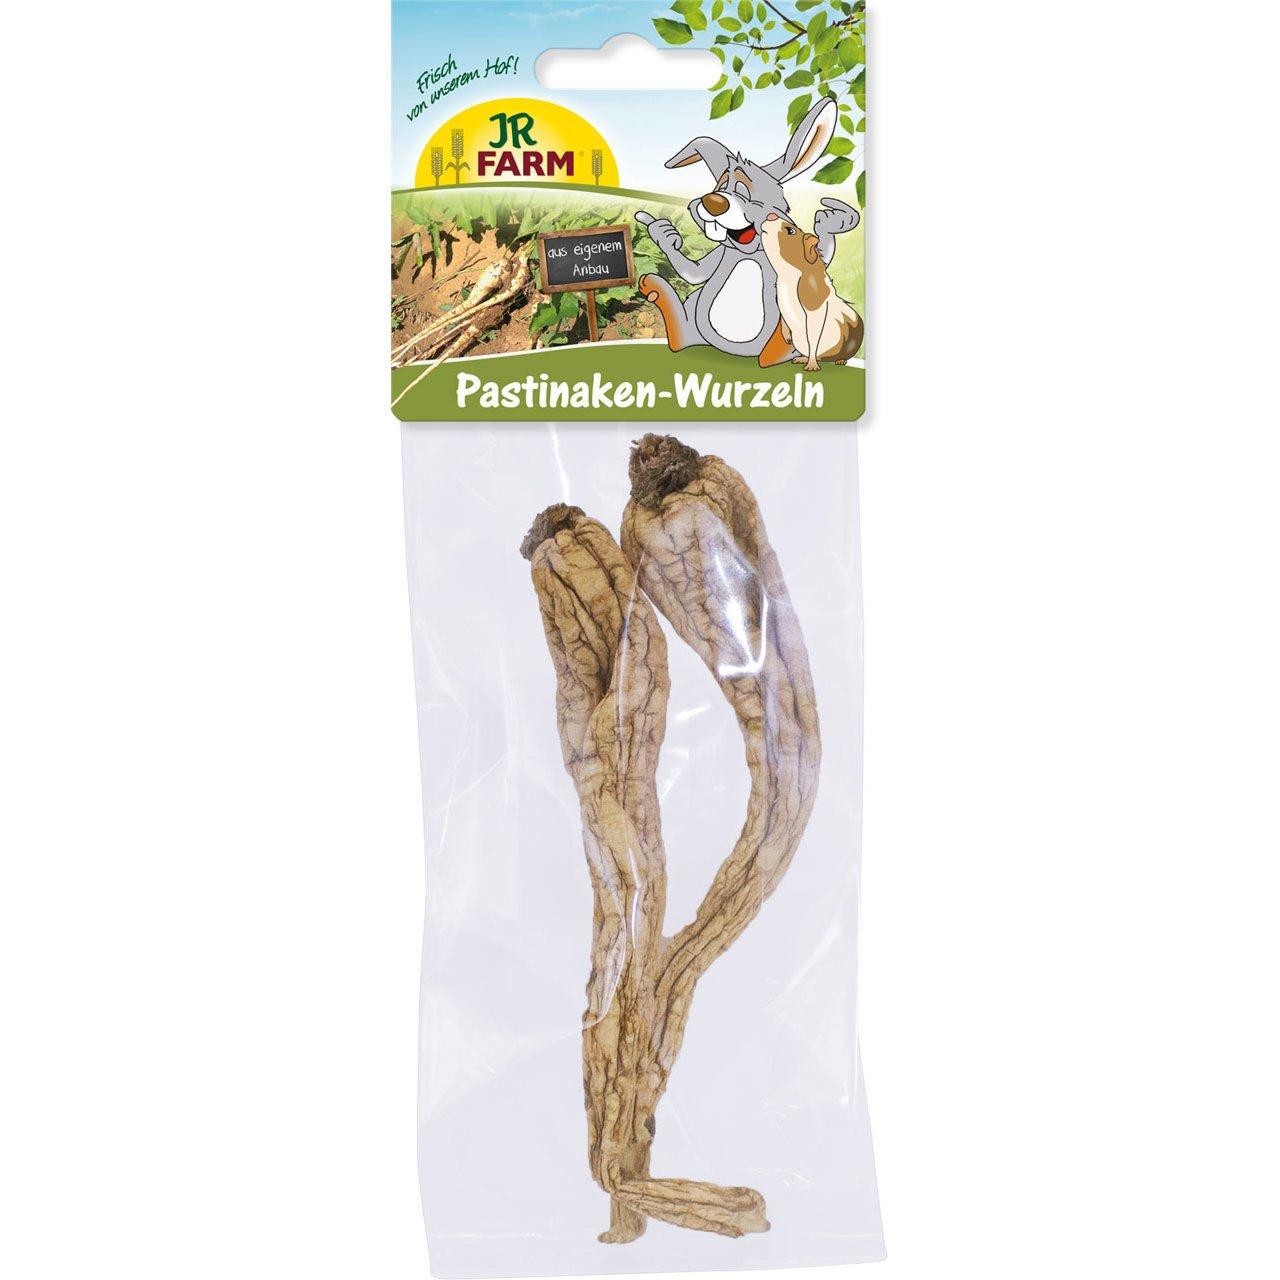 JR Farm Pastinaken Wurzeln, 50 g